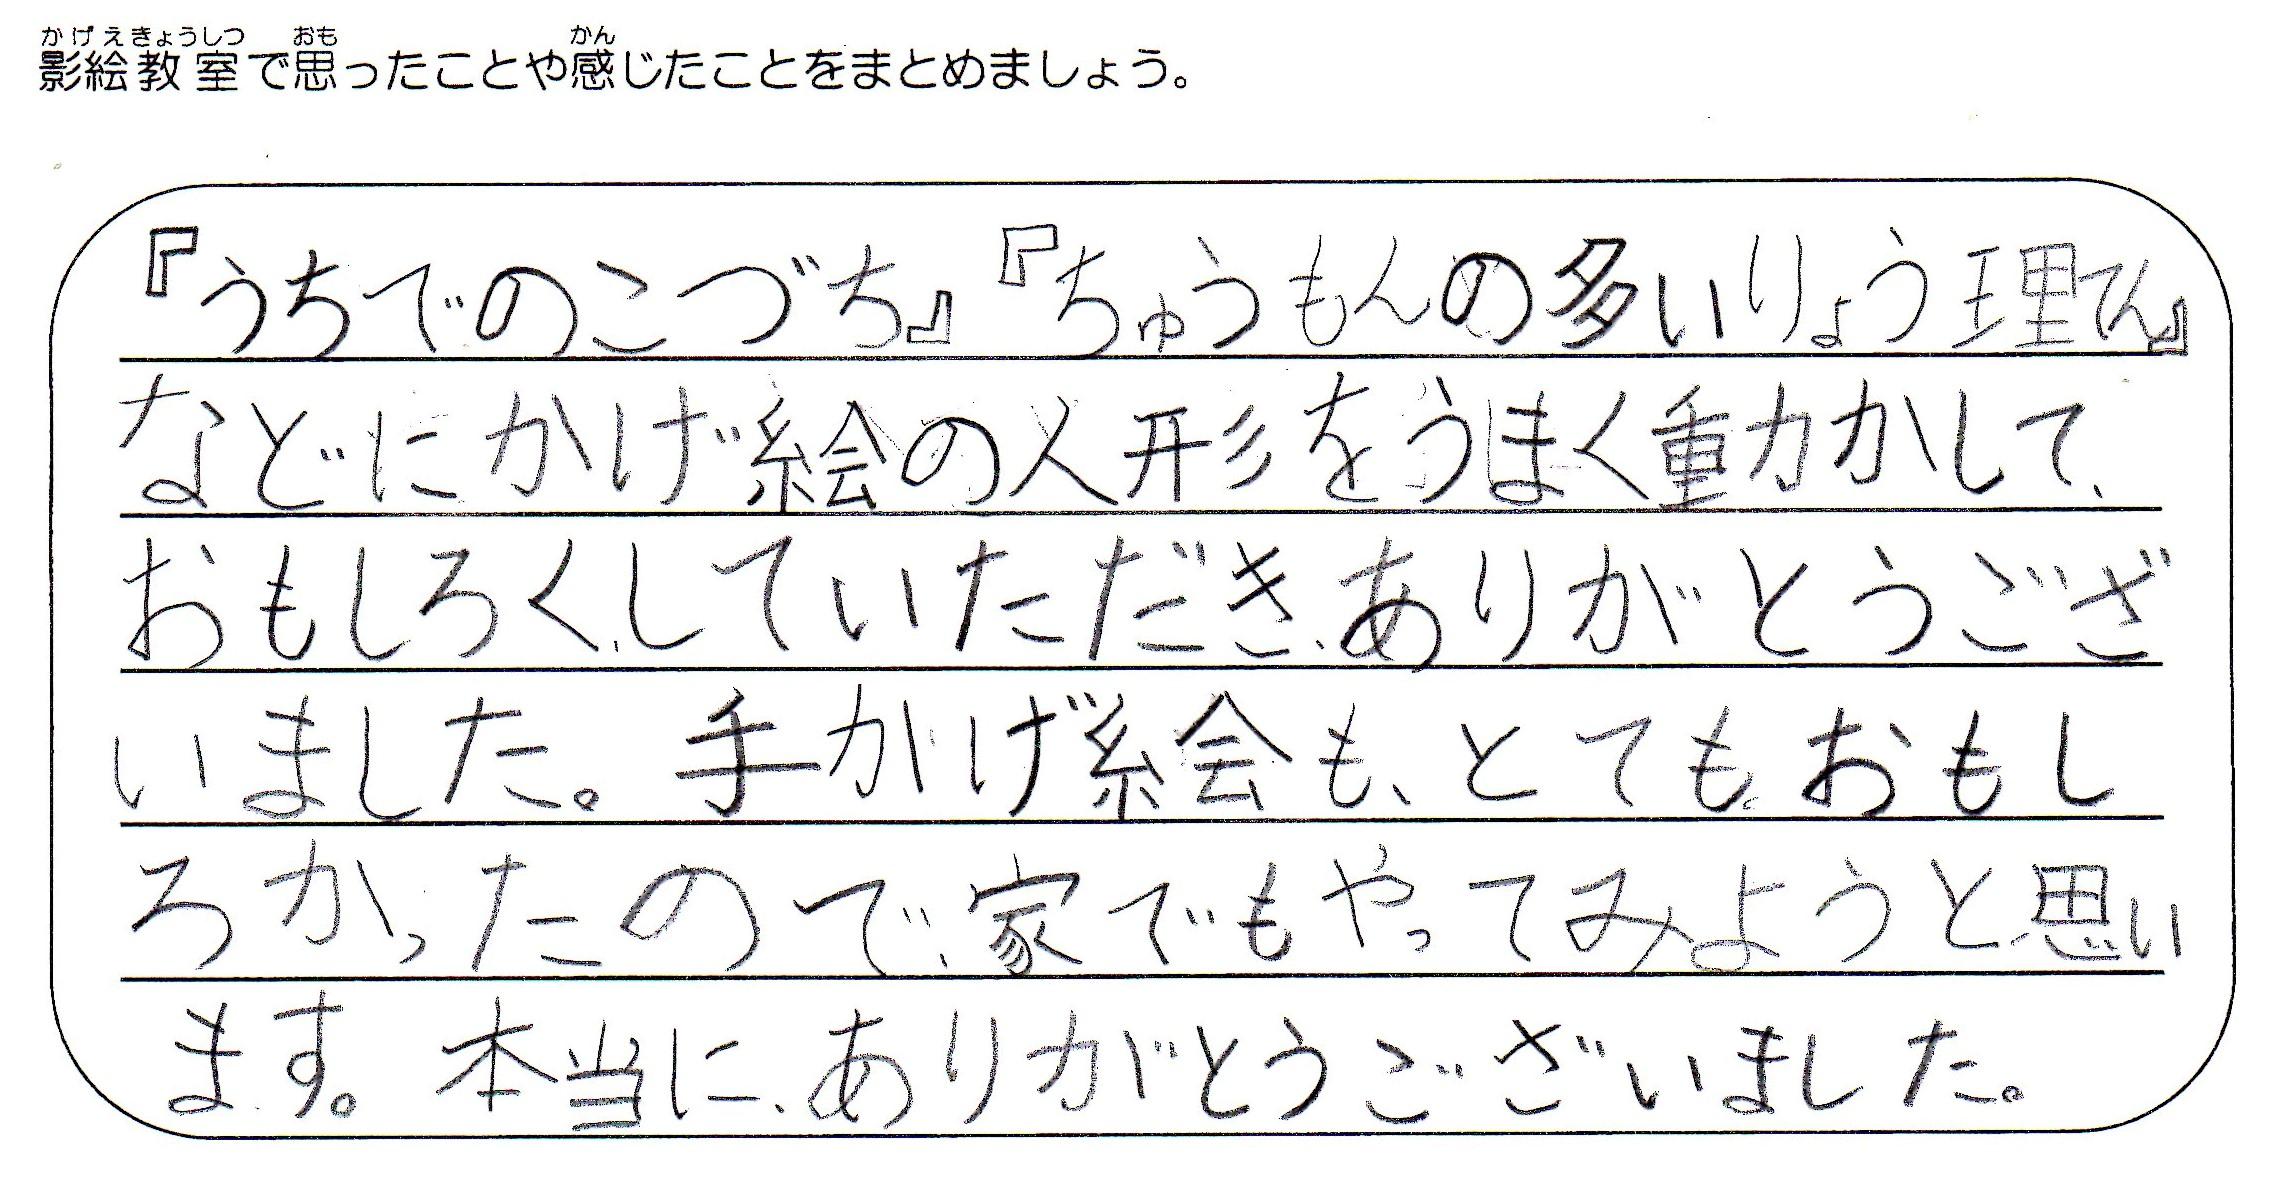 2019年9月10日(火)千葉県野田市立福田第二小学校で公演をしました。3年生の声です。